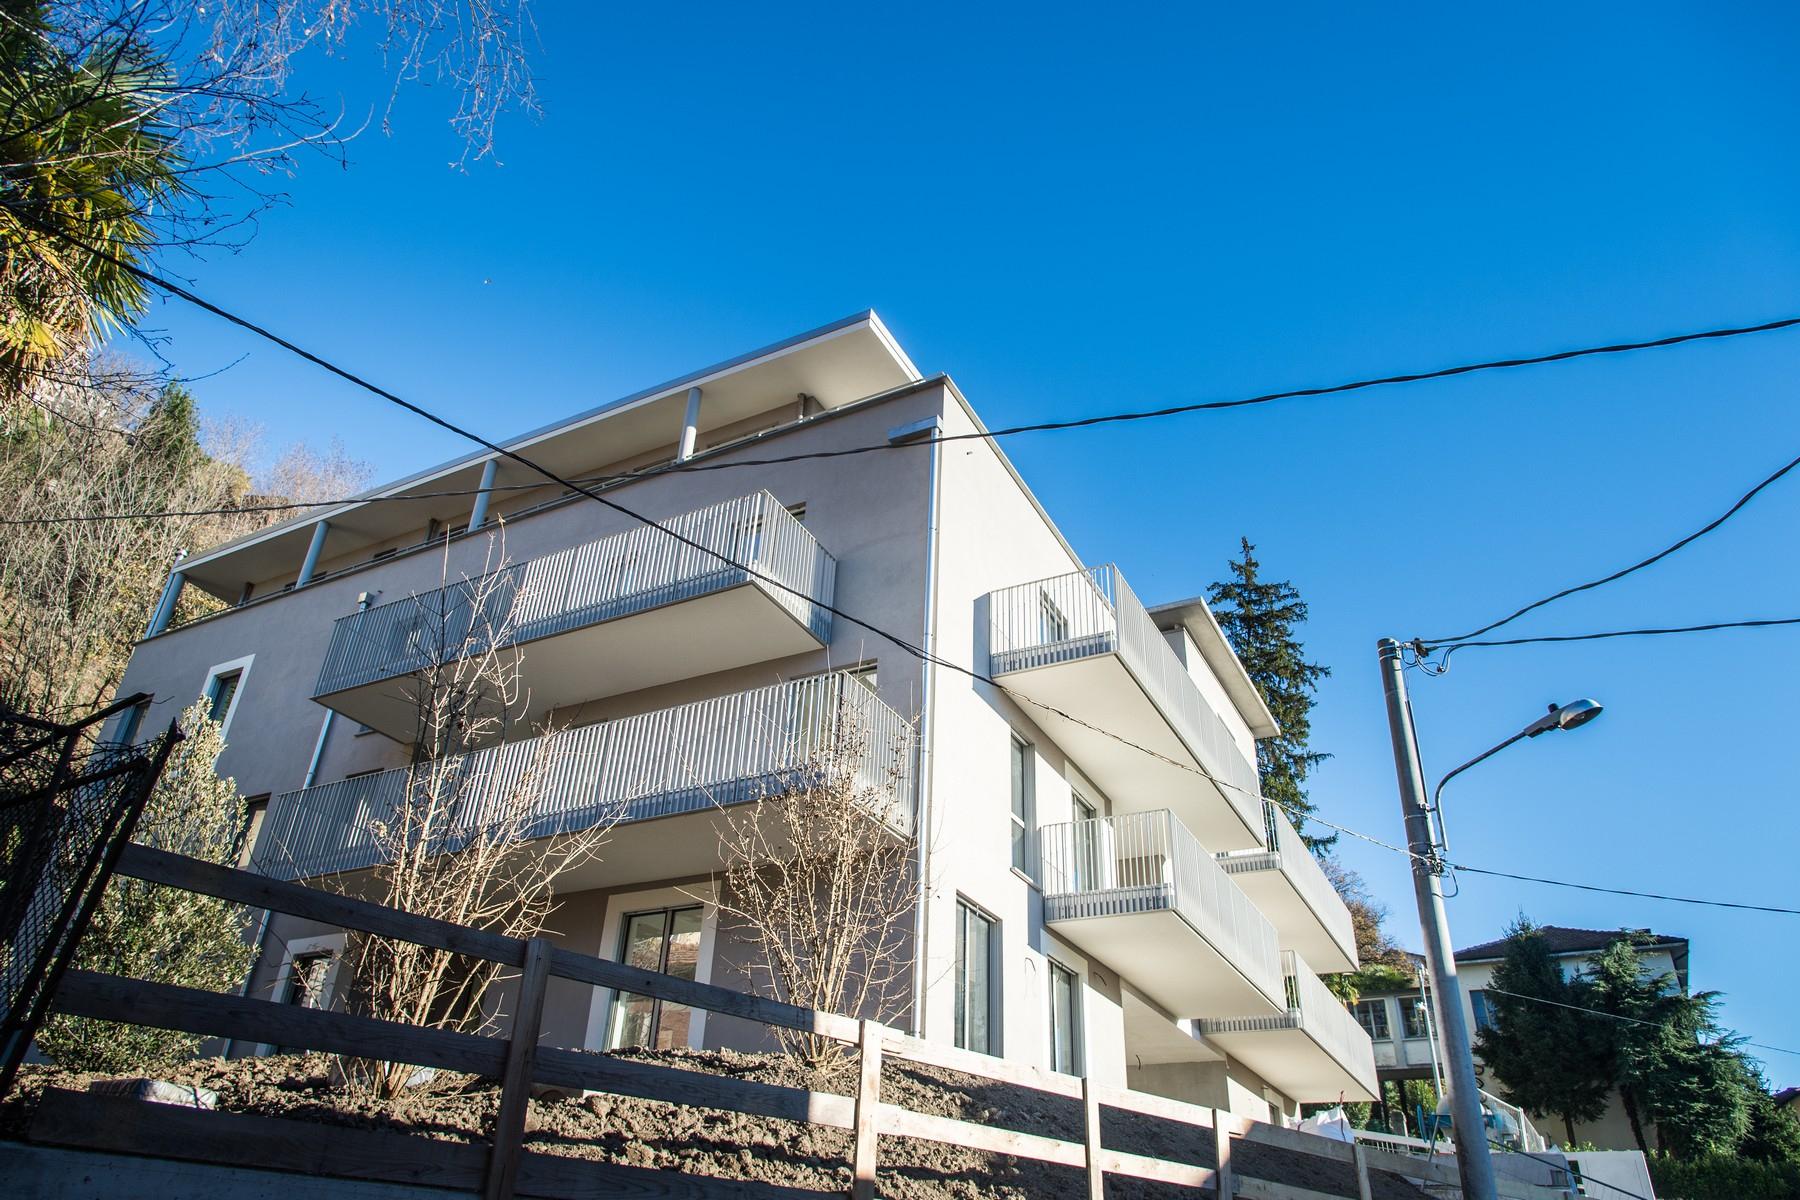 Appartamento in Vendita a Como: 5 locali, 140 mq - Foto 3